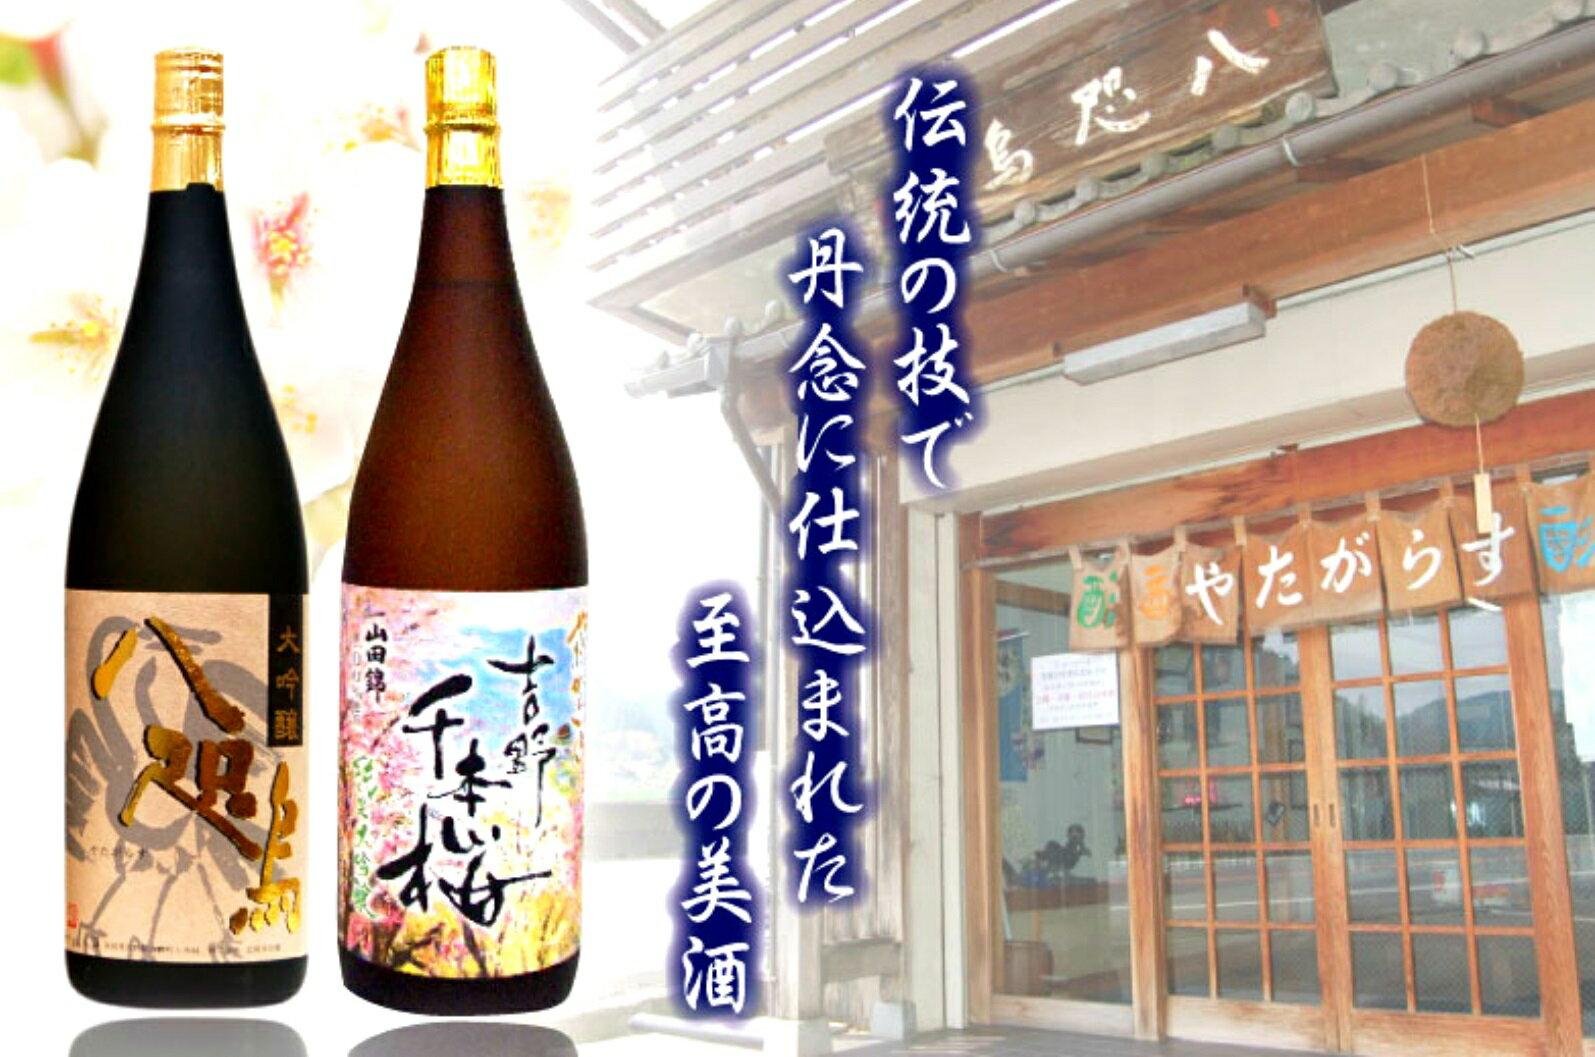 【ふるさと納税】やたがらす大吟醸雫酒・吉野千本桜純米大吟醸酒1.8L詰2本セット